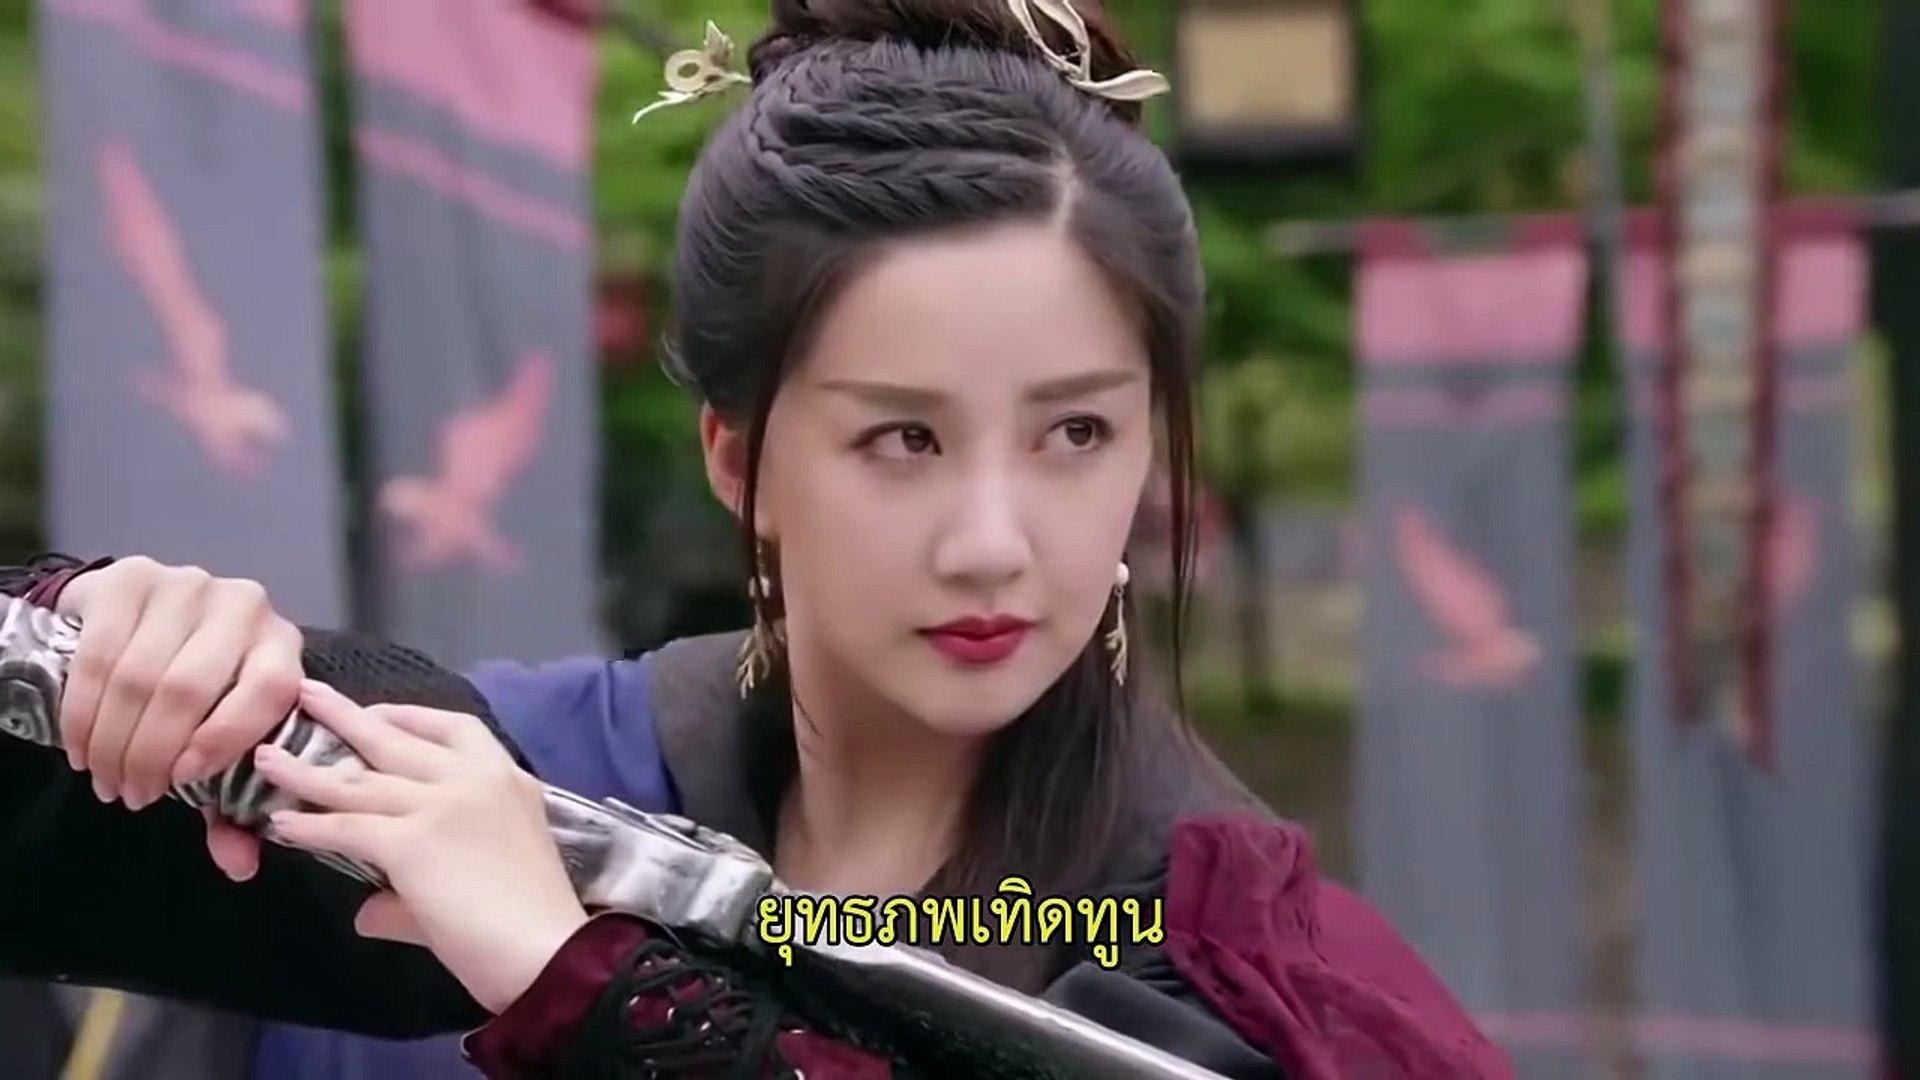 ดาบมังกรหยก2019 ซับไทย ตอนที่ 2  Heavenly Sword and Dragon Slaying Sabre 2019 Thai Sub EP 2